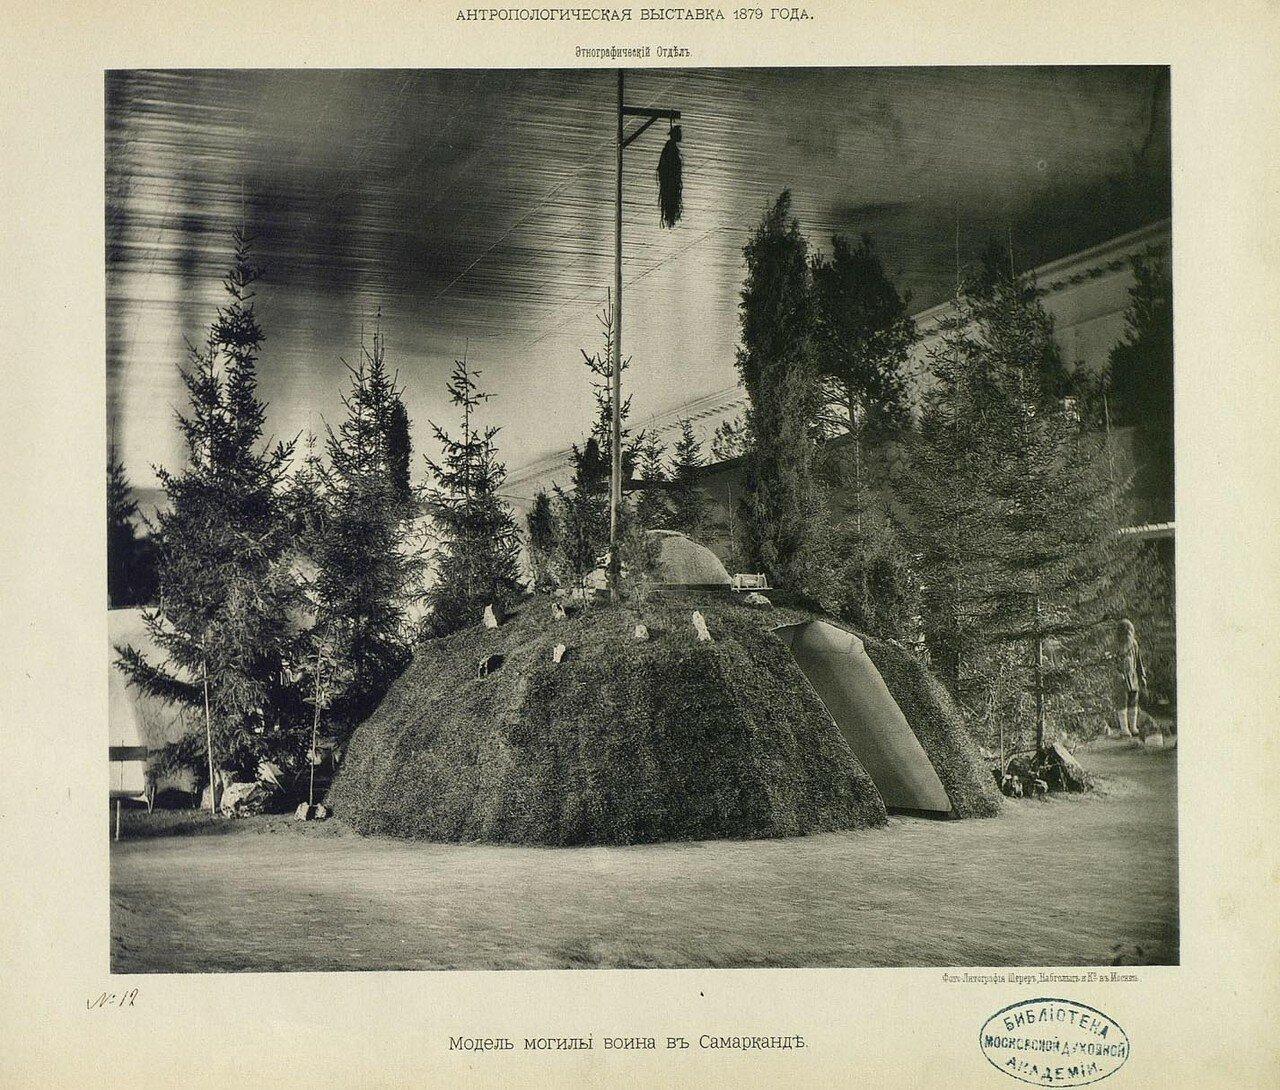 12. Модель могилы воина в Самарканде